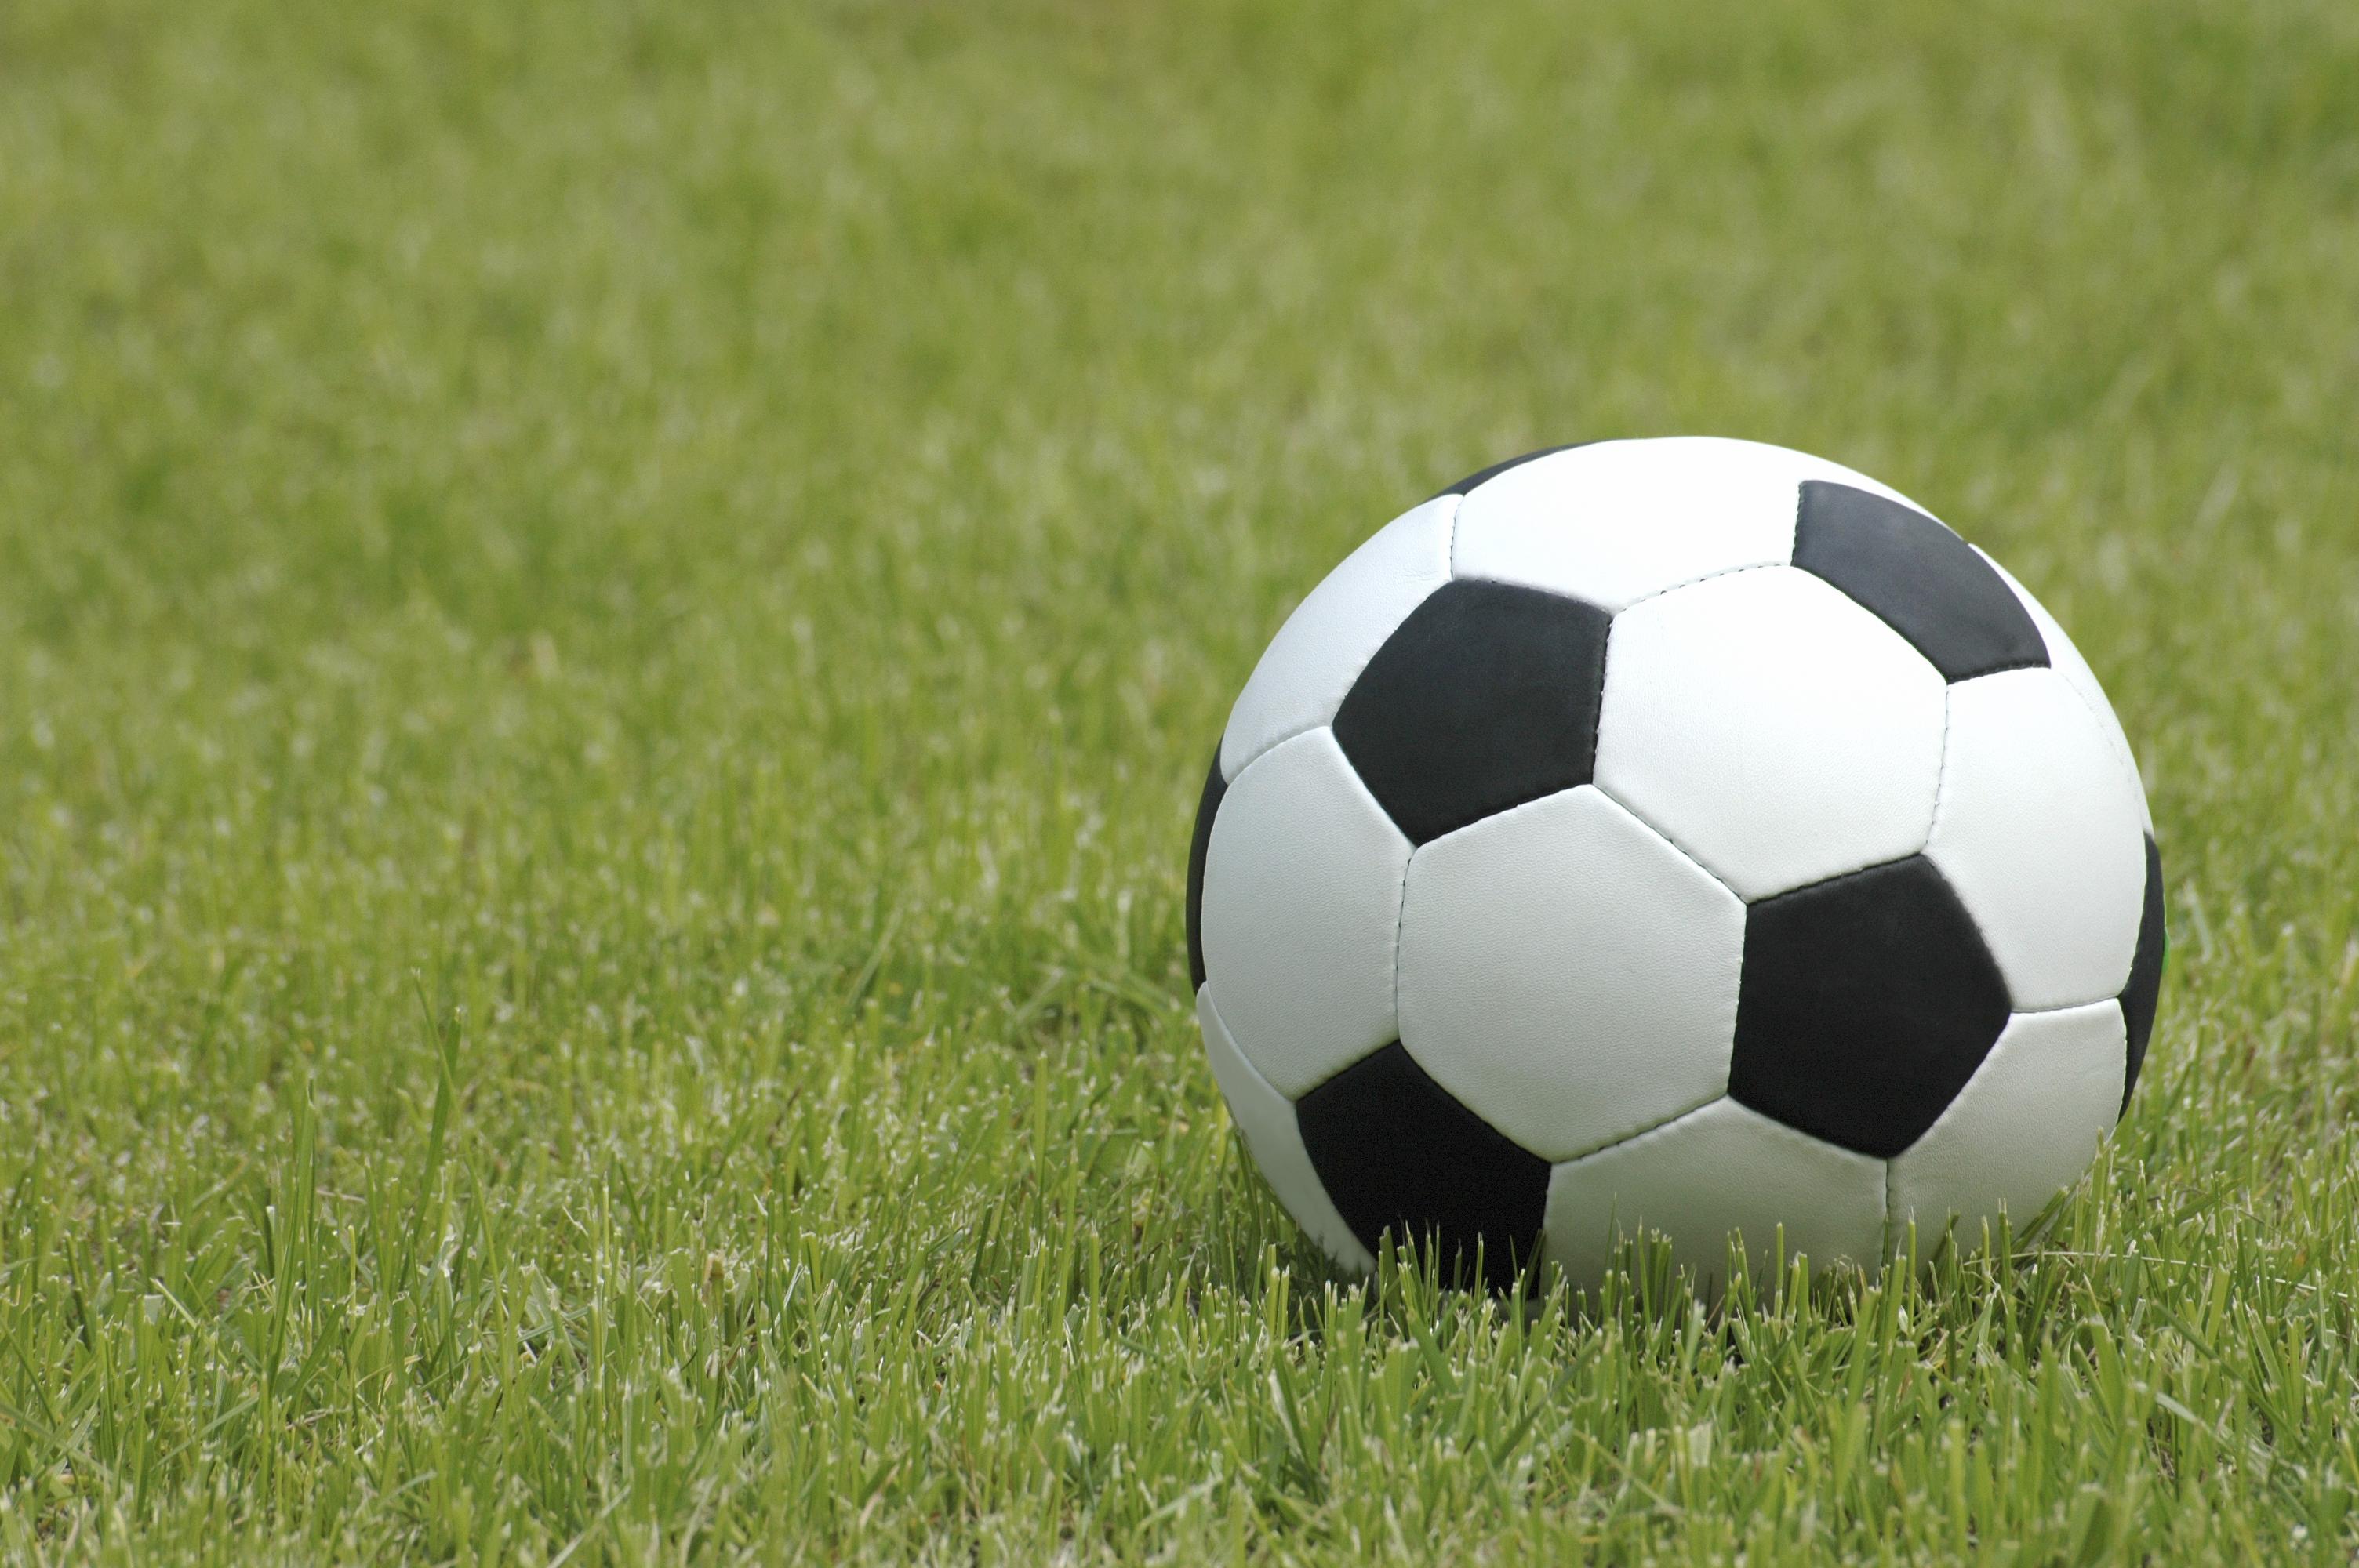 Schweizer Fußballverband Spielform 4 gegen 2 zum Thema Duelle/Initiative/Spiel in die Tiefe/Verteidigen in Unterzahl